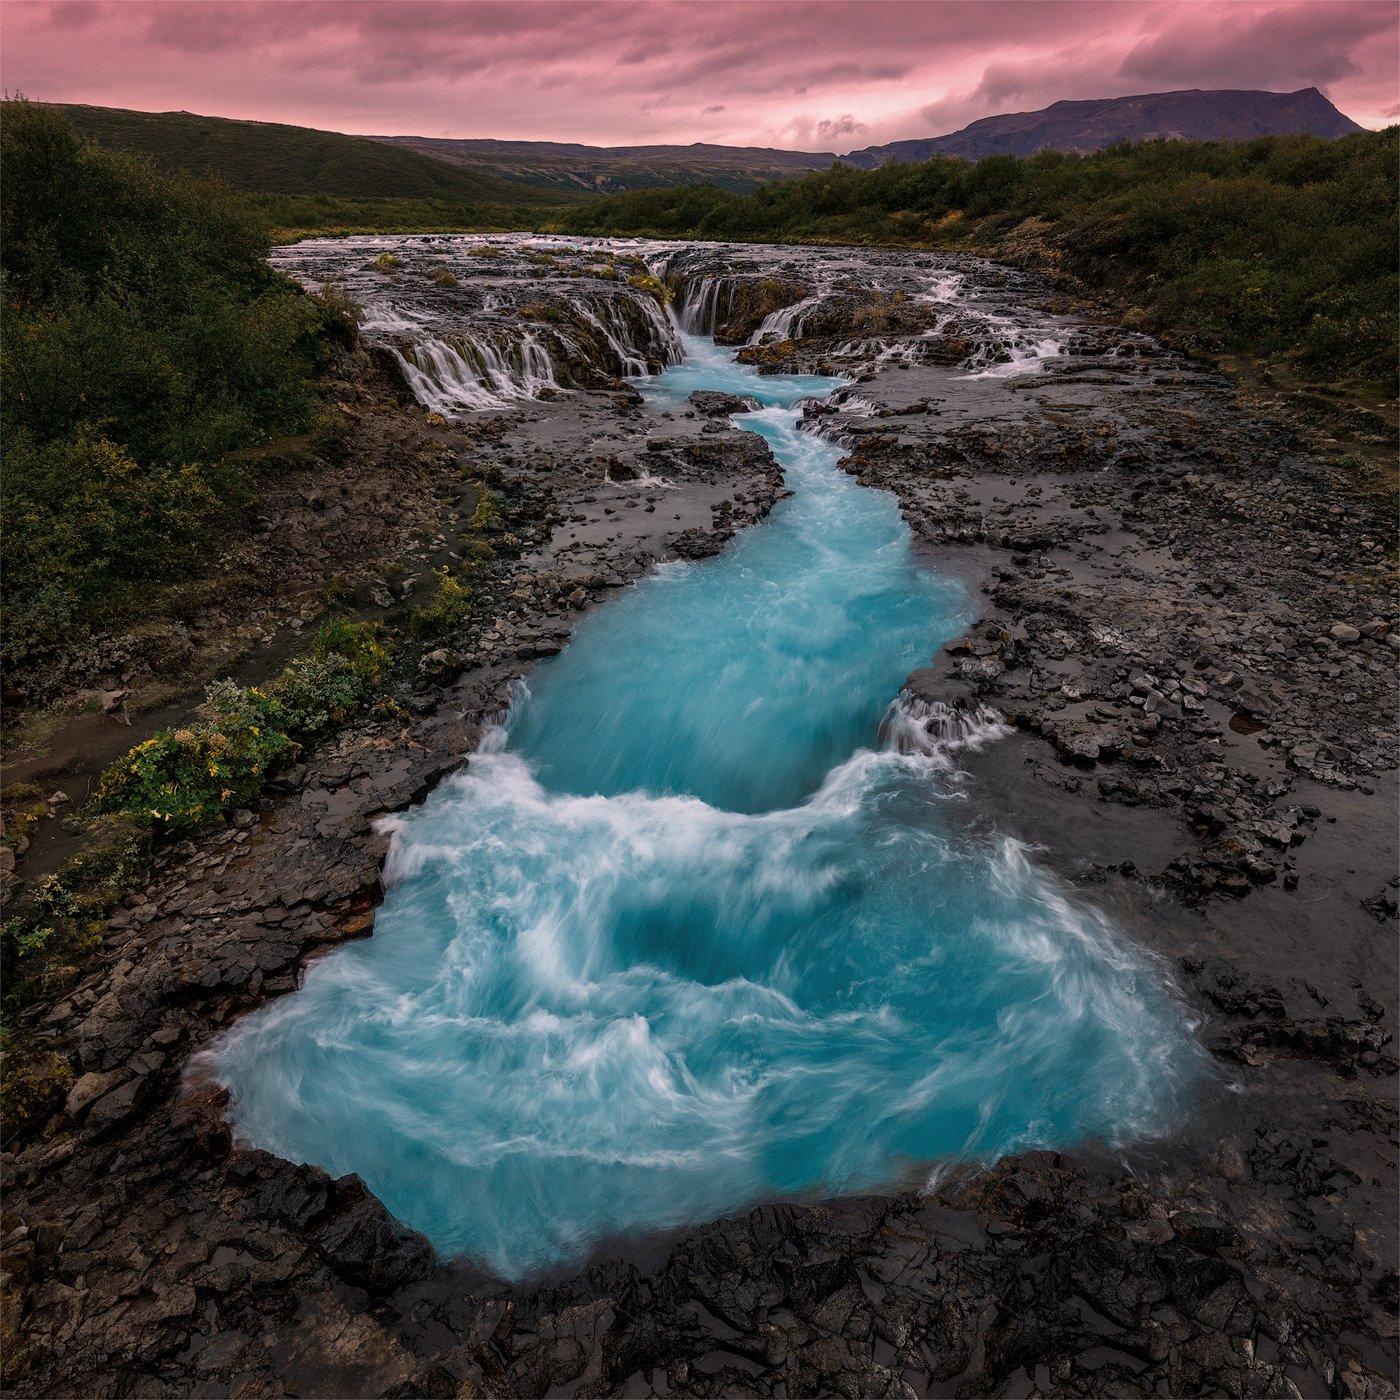 исландия, iceland, водопад, bruarfoss, Шевченко Юрий (Phototours.pro)